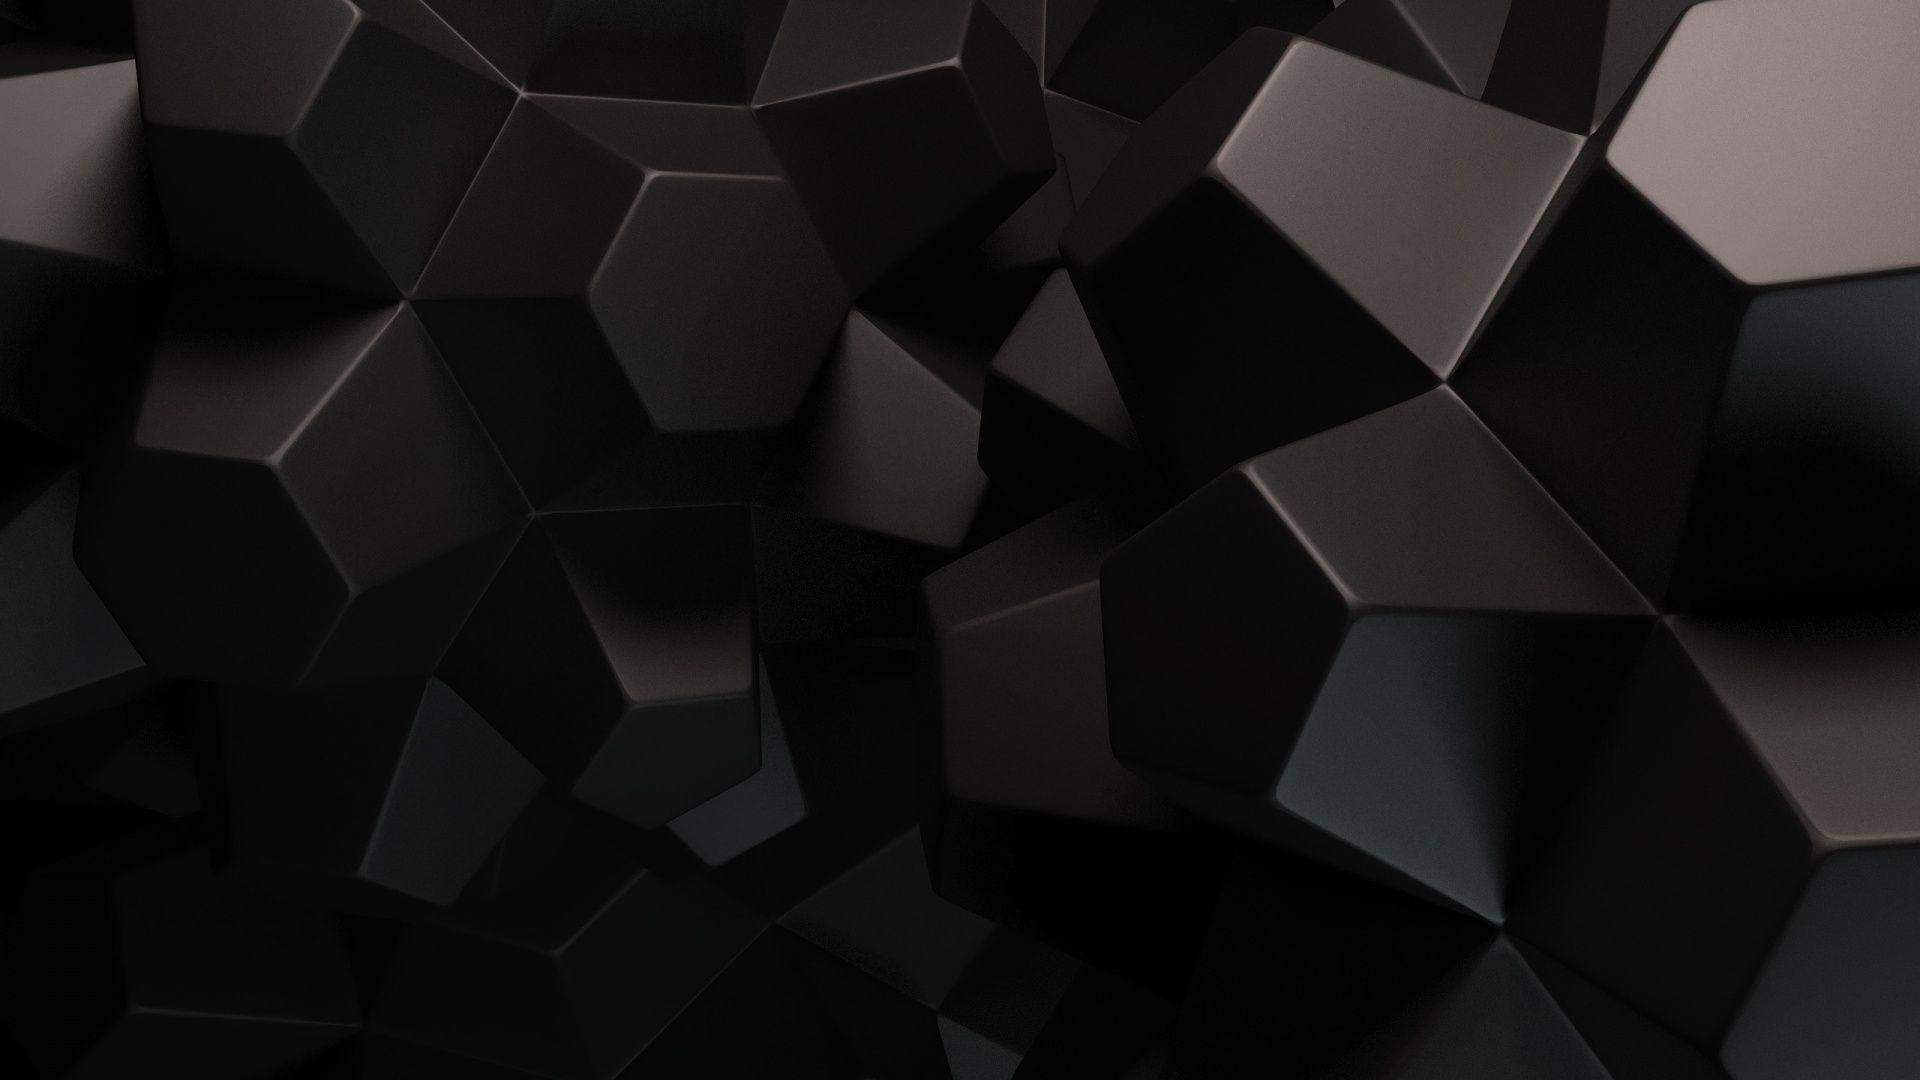 Black Theme Hd Wallpaper 19201080 Hdwallpaper Wallpaper Image Hd Wallpaper Wallpaper R Wallpaper